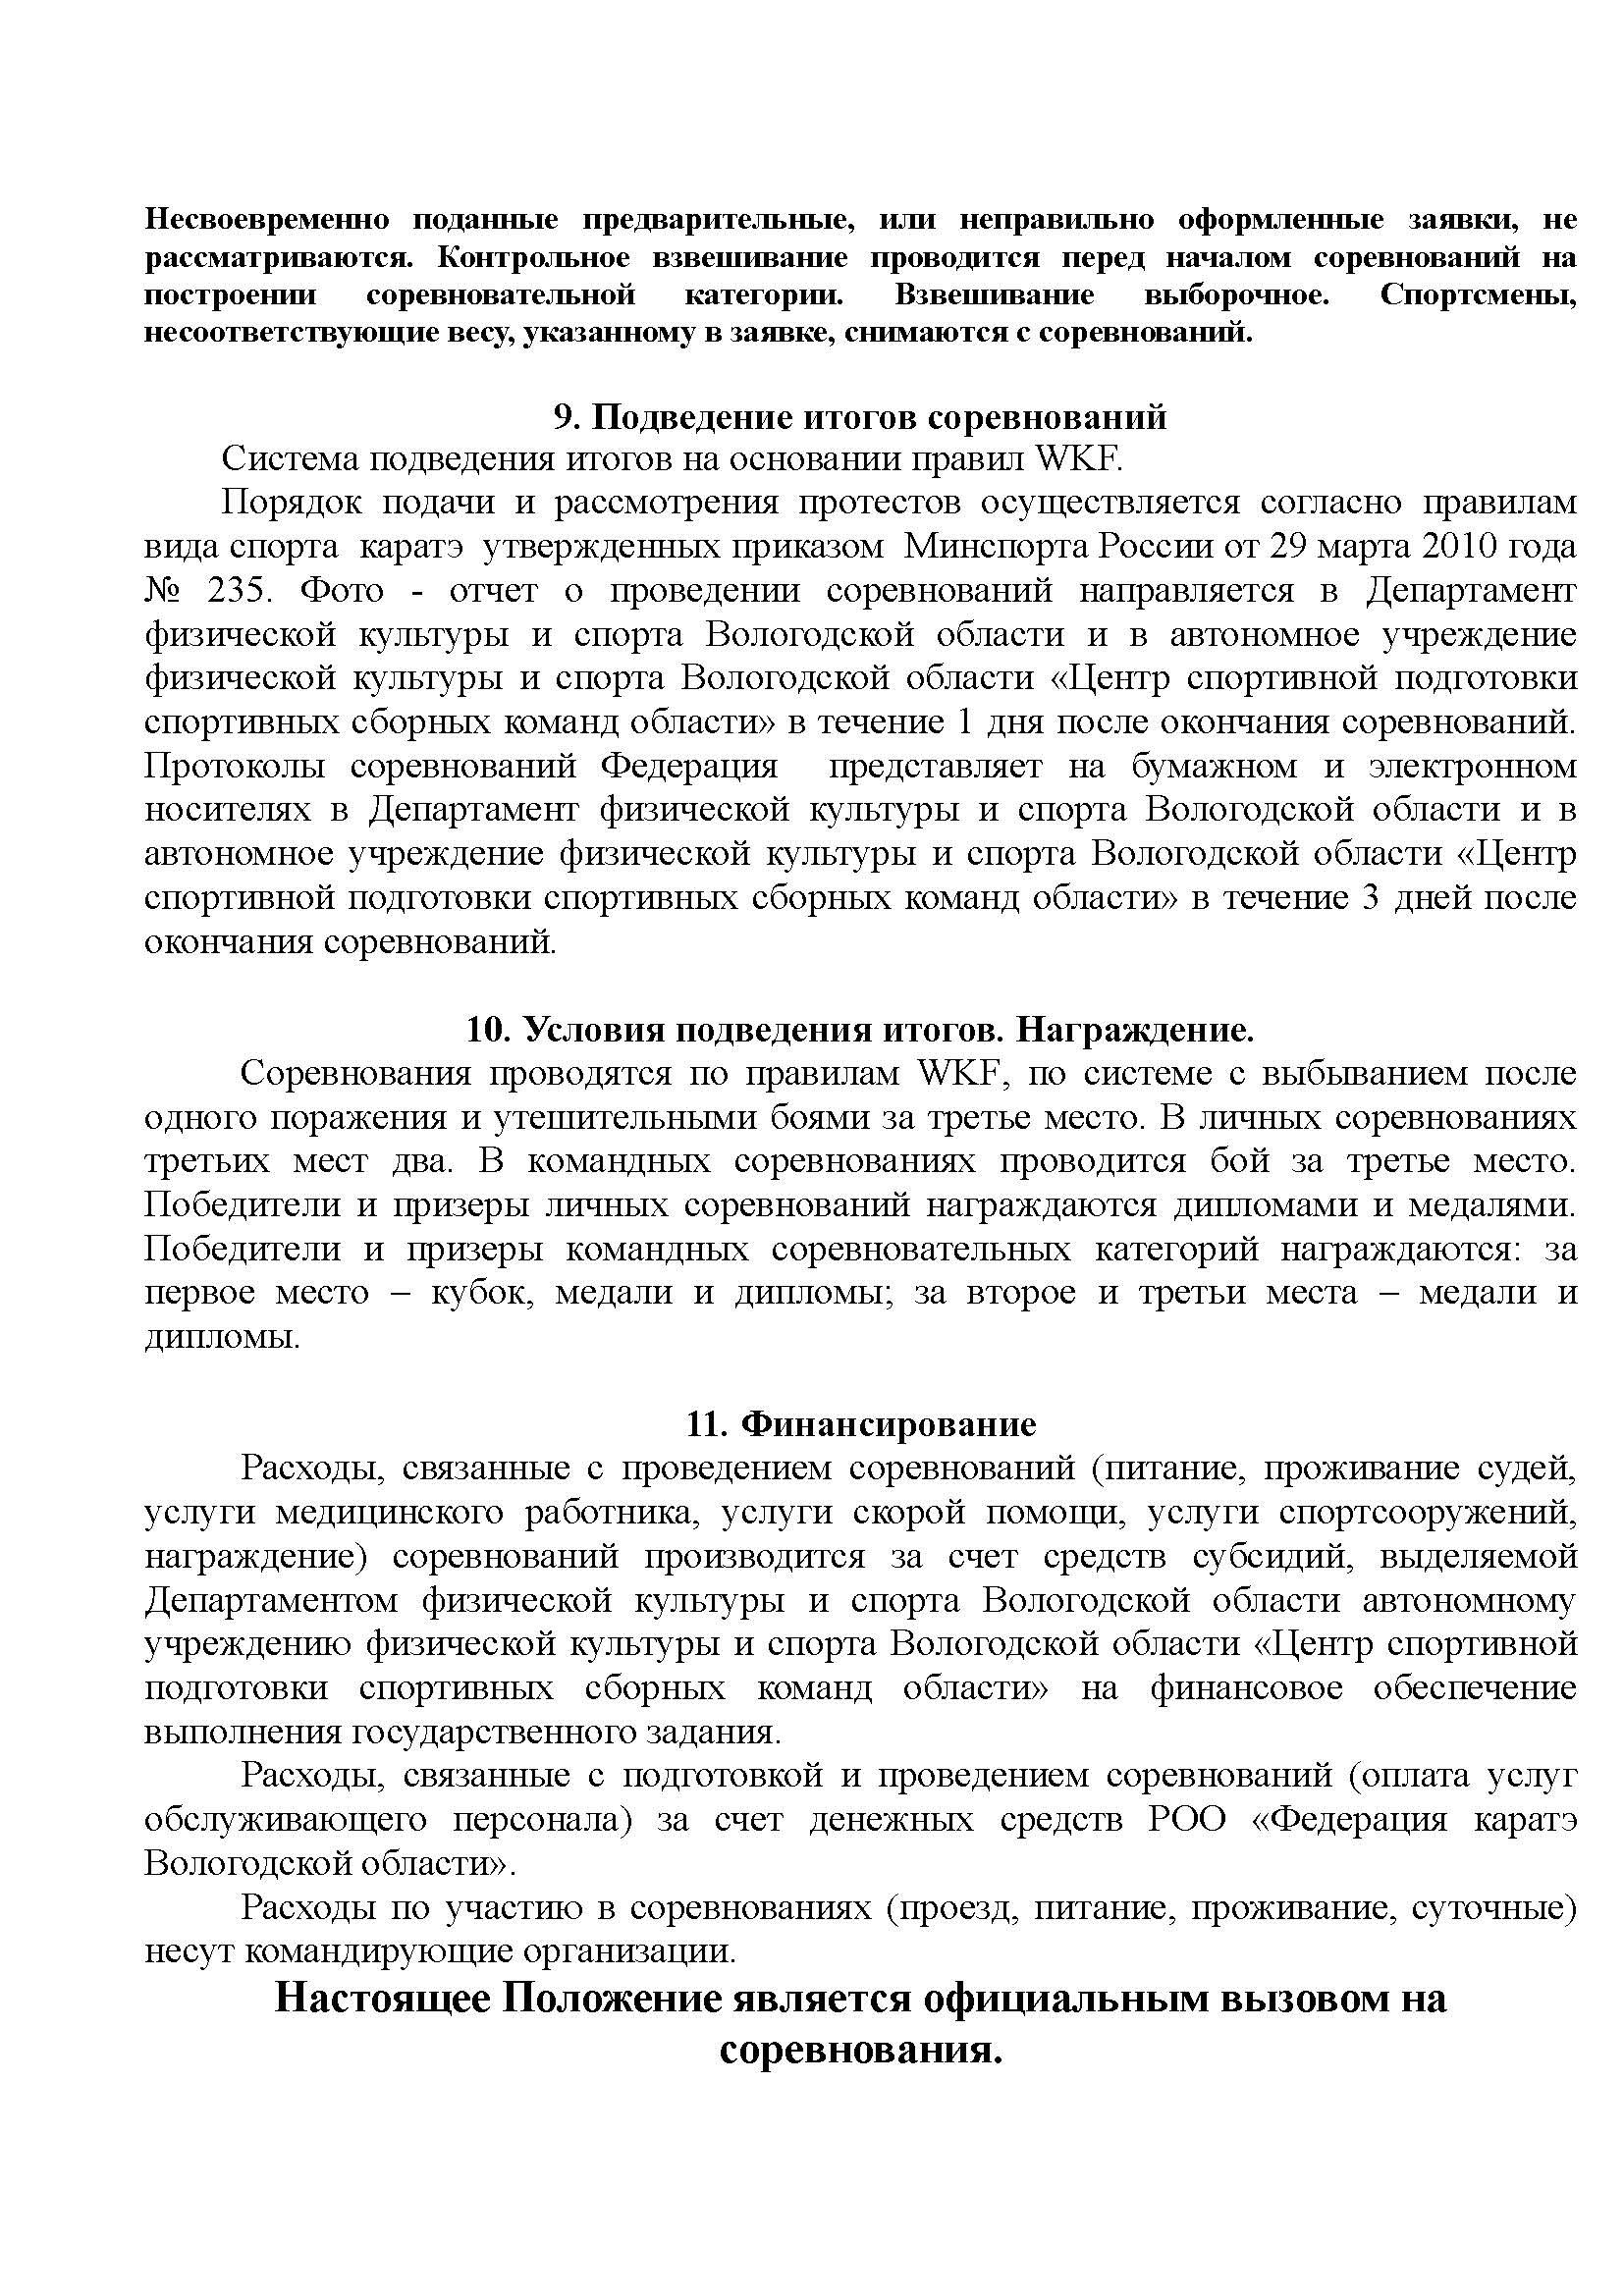 СЗФО-2019_001-OF_Страница_5